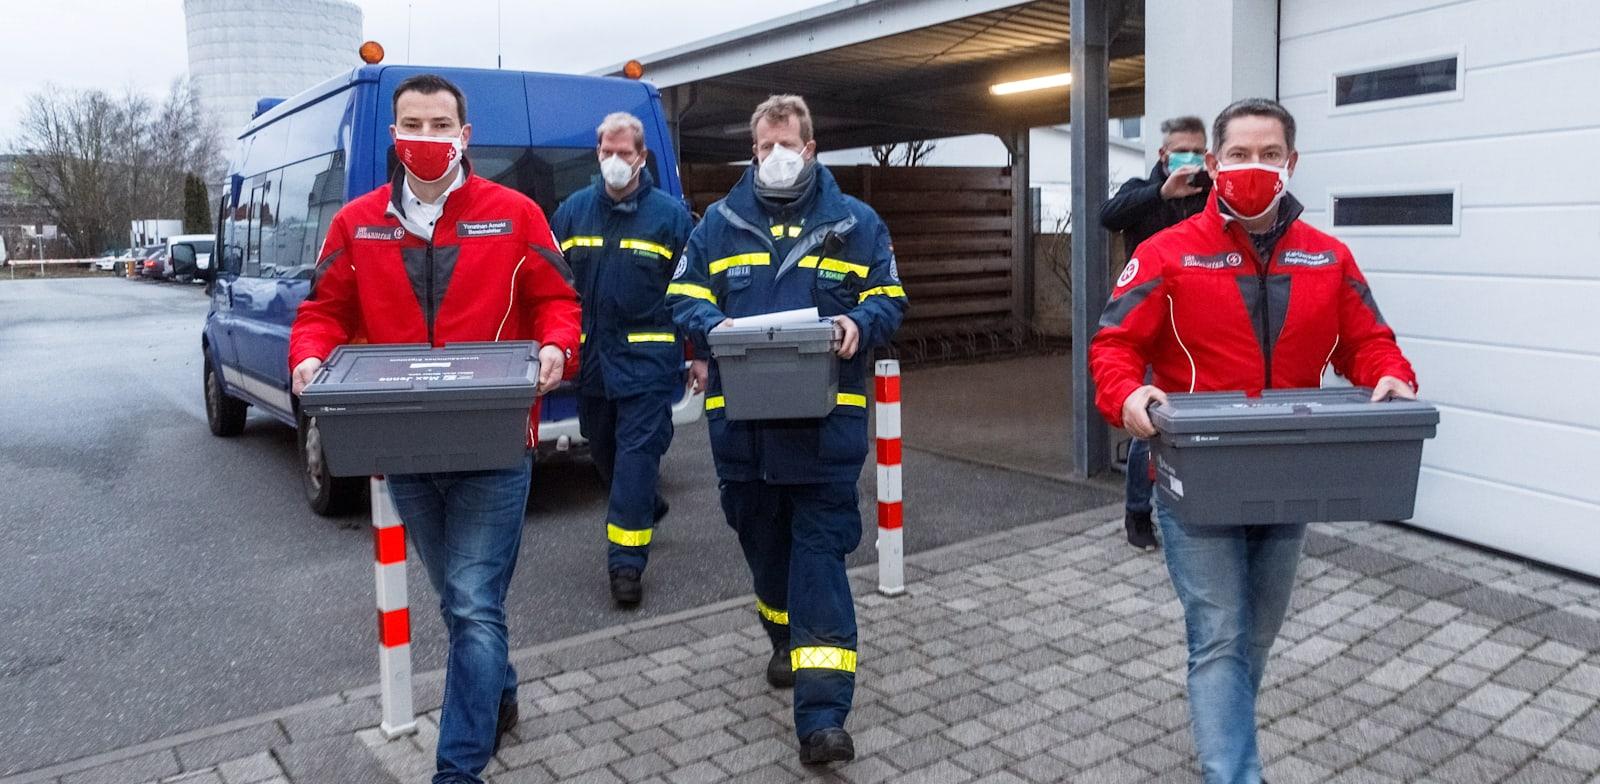 שלושת הארגזים הראשונים של חיסוני פייזר־ביונטק שהגיעו לליבק בגרמניה, ב־27 בדצמבר 2020, יום החיסונים הראשון במדינה / צילום: Reuters